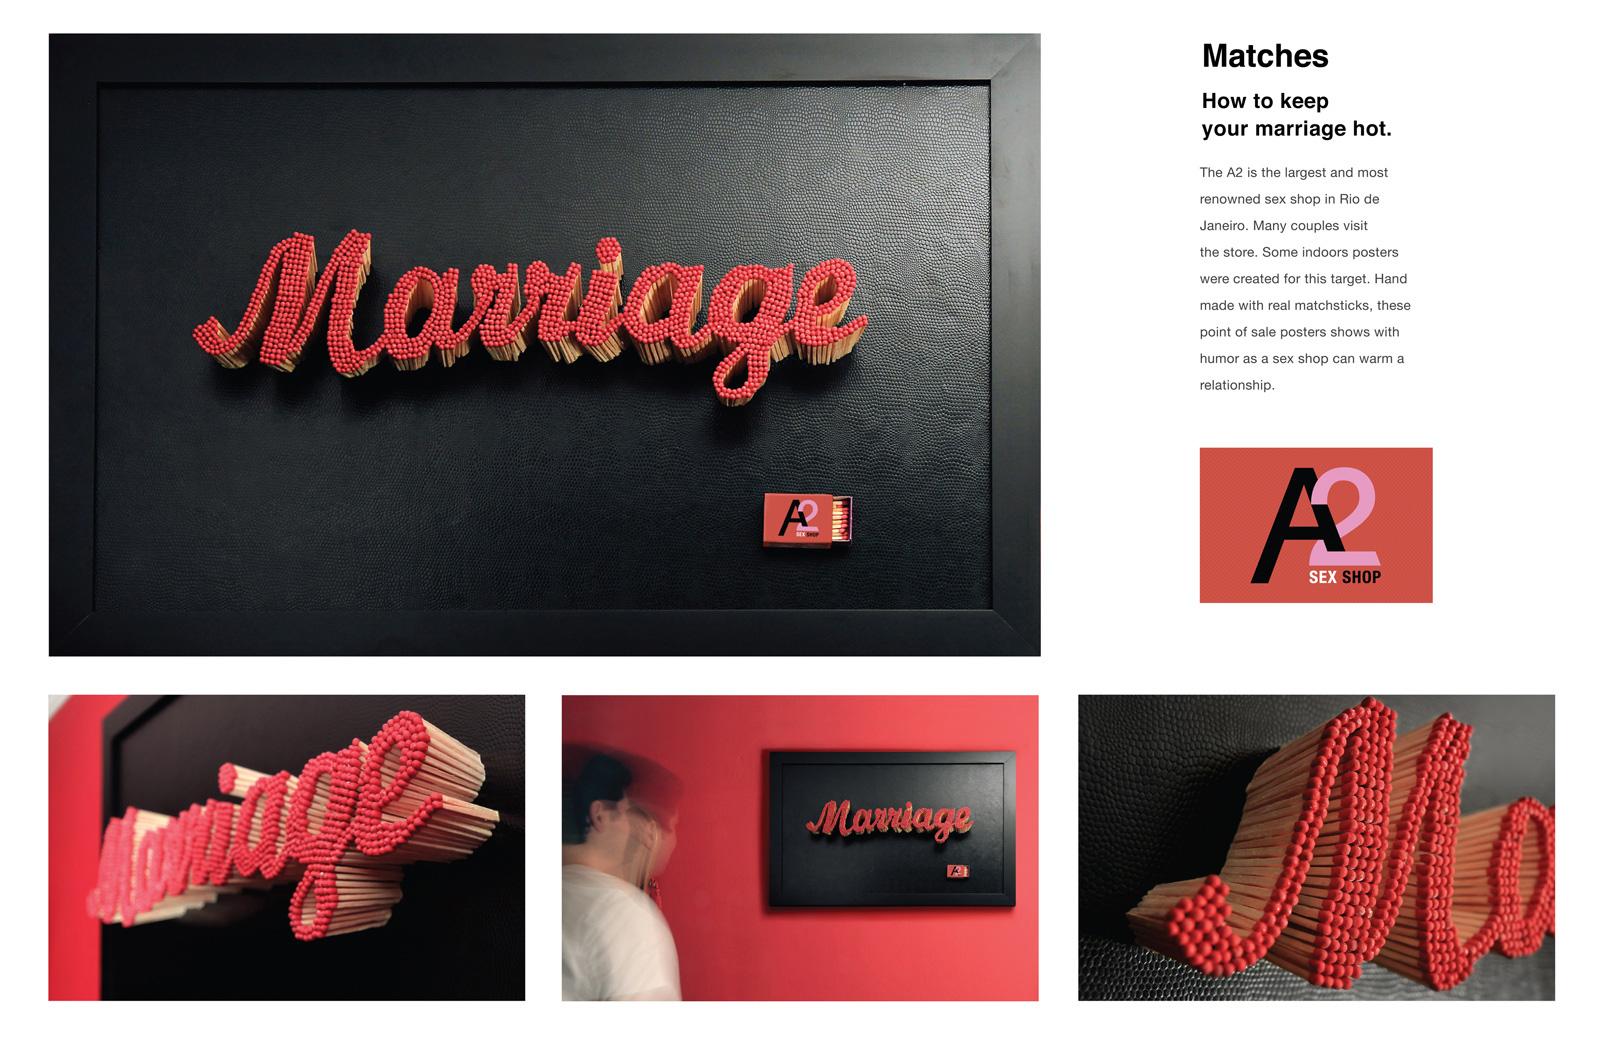 a2 marriage sexshop Advertising Agency: Loja Comunicação, Rio de Janeiro, Brazil